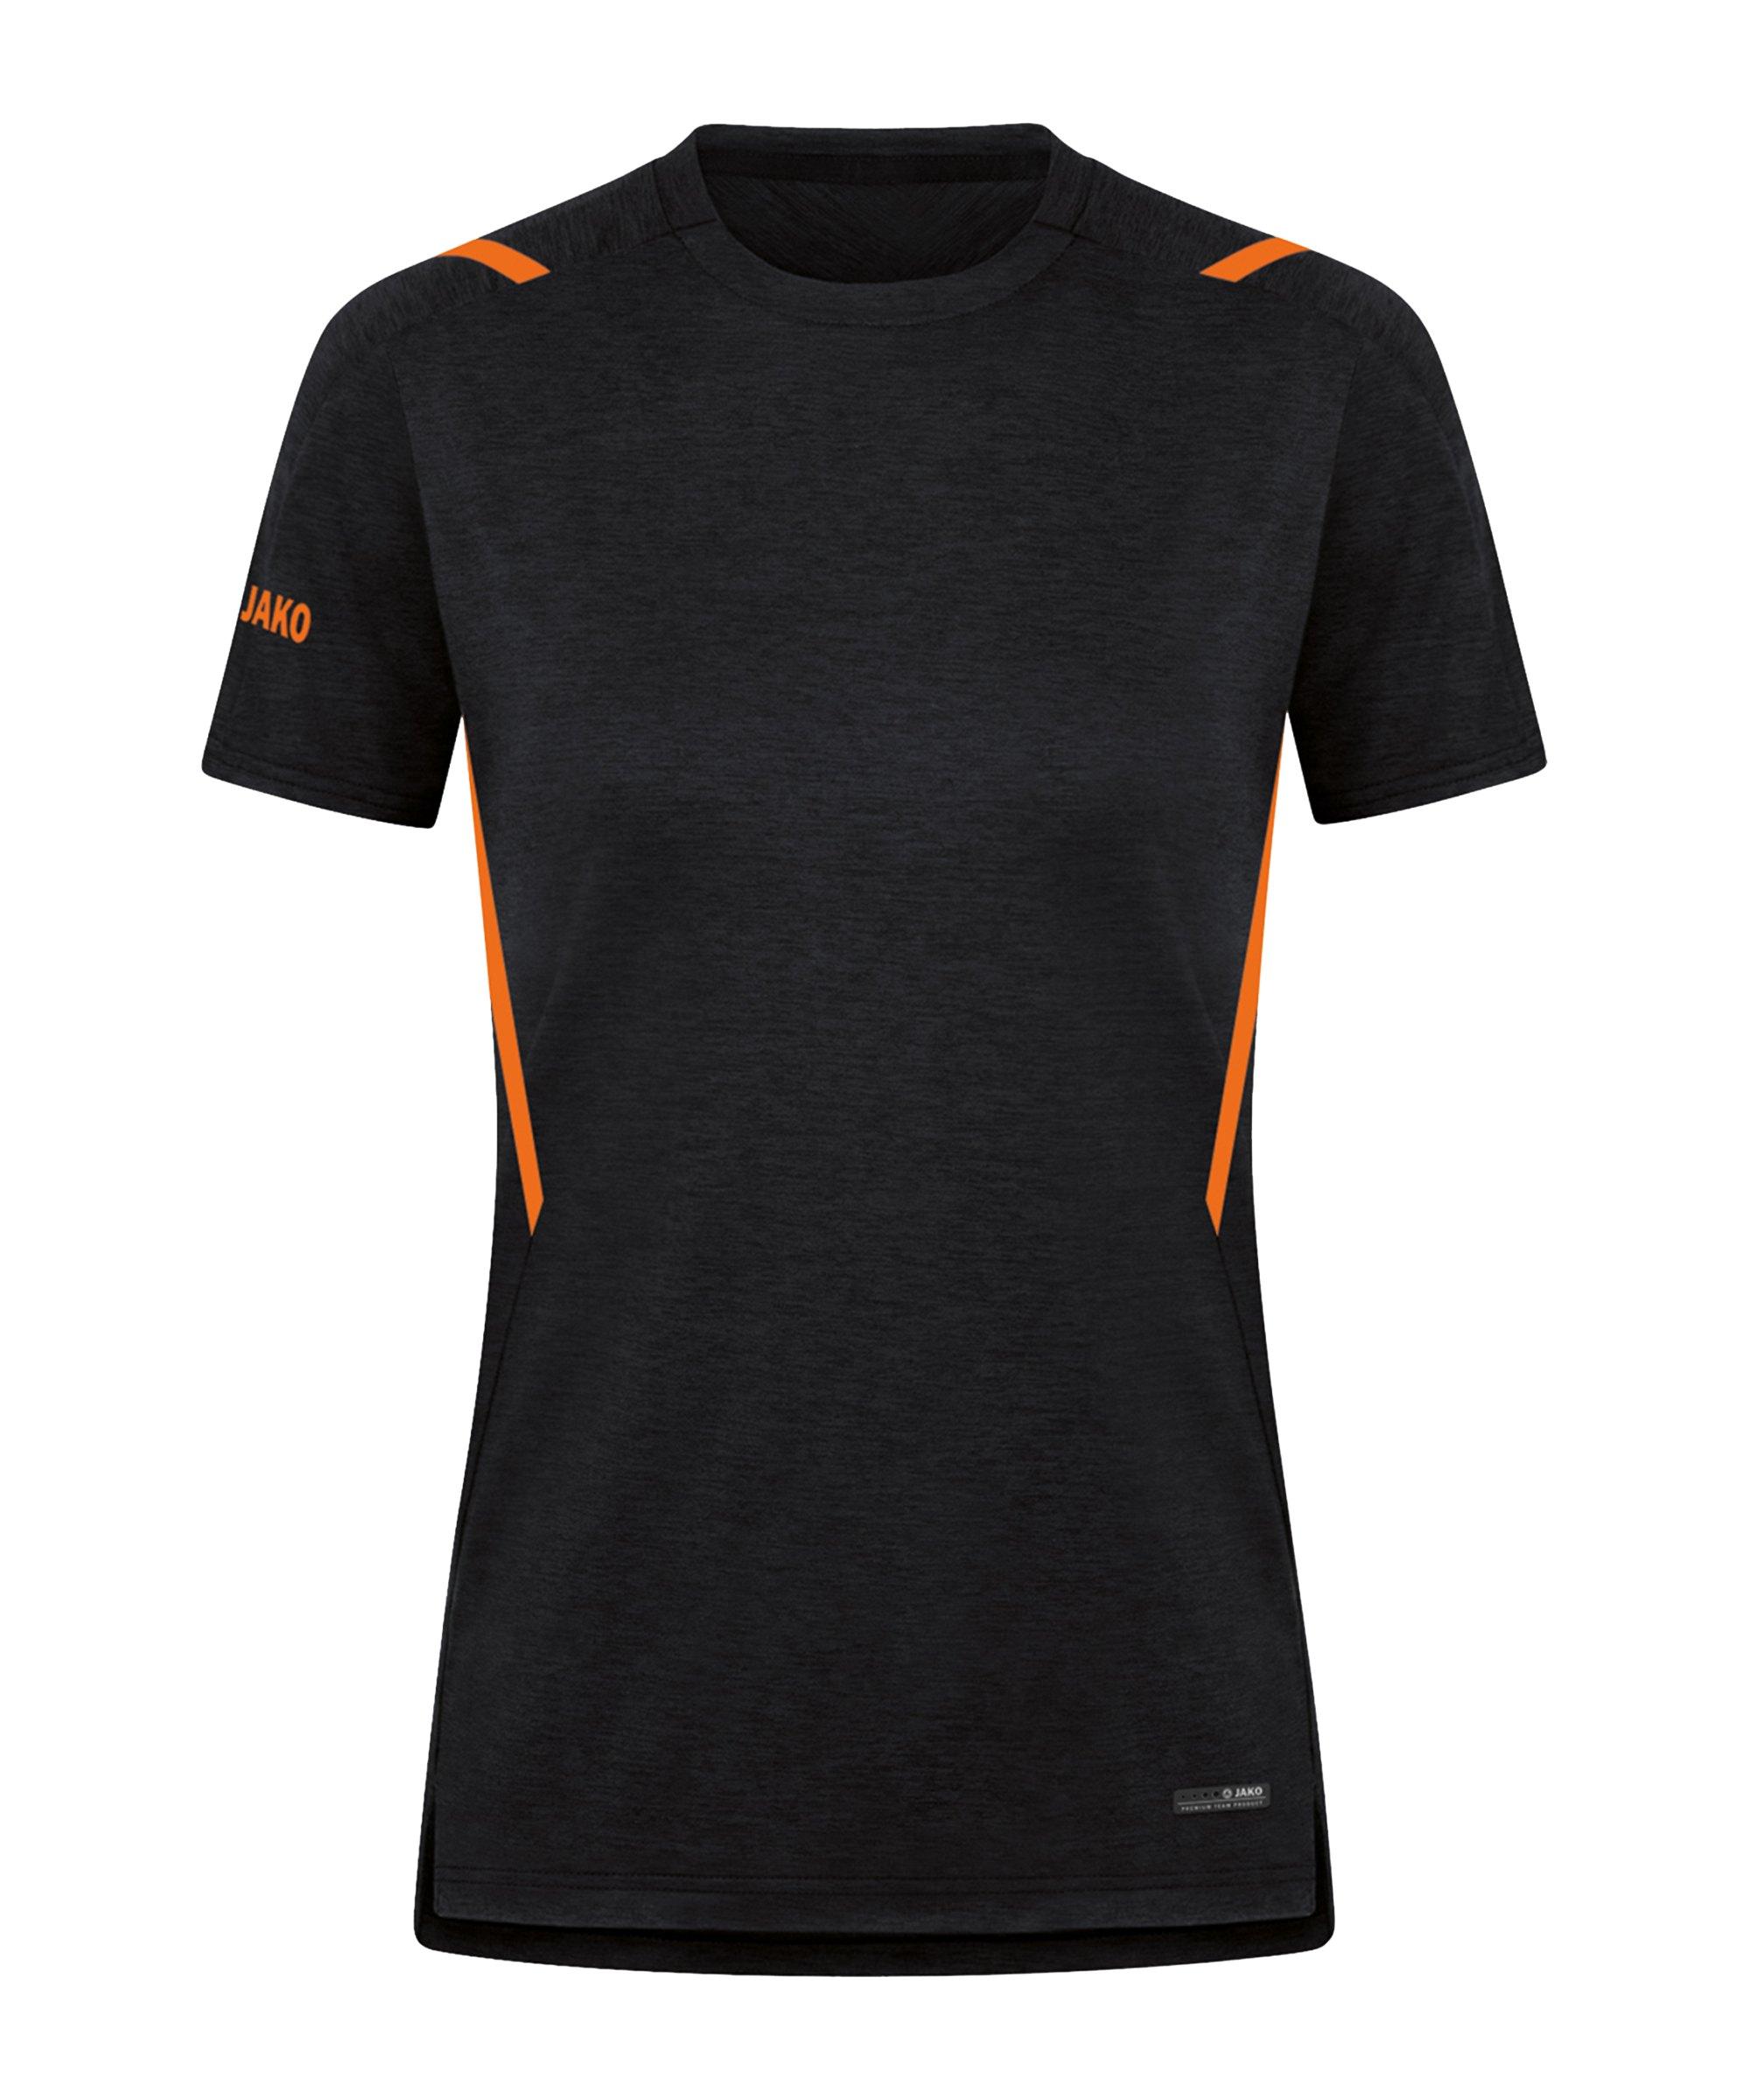 JAKO Challenge Freizeit T-Shirt Damen F506 - schwarz